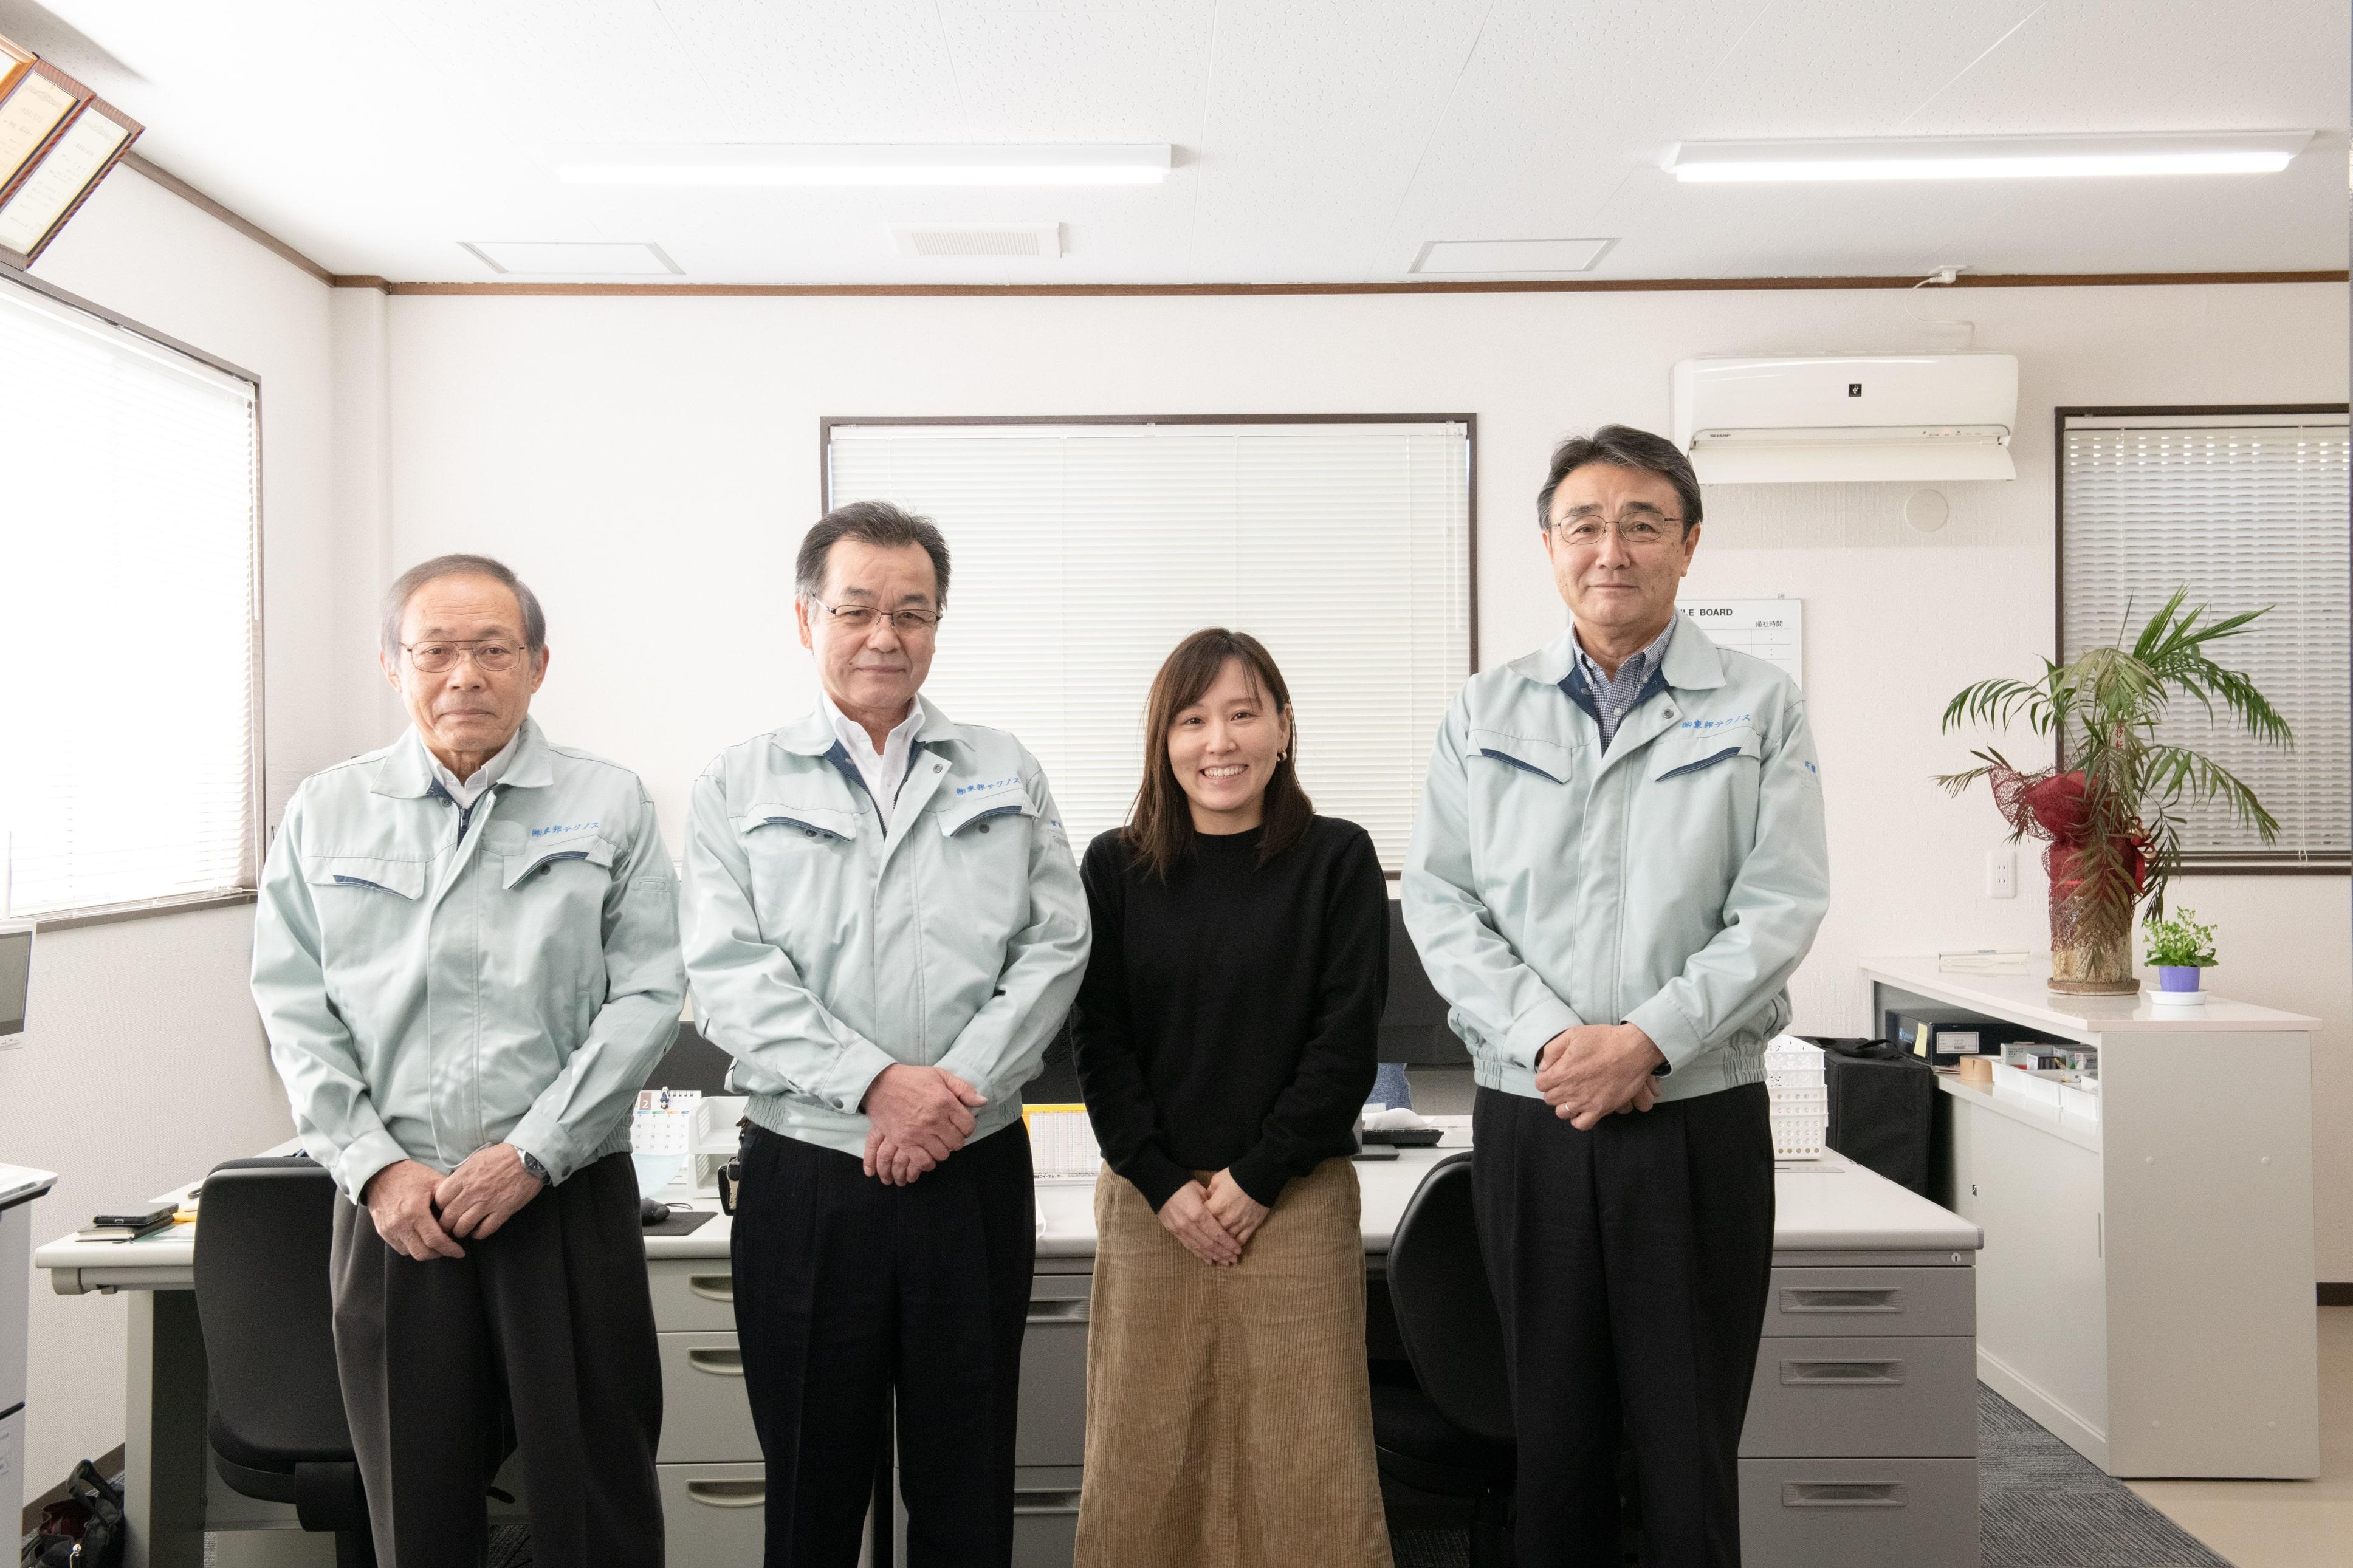 新入社員が、東邦テクノスの代表望月英男、役員と一緒に並んで事務所で立っている写真